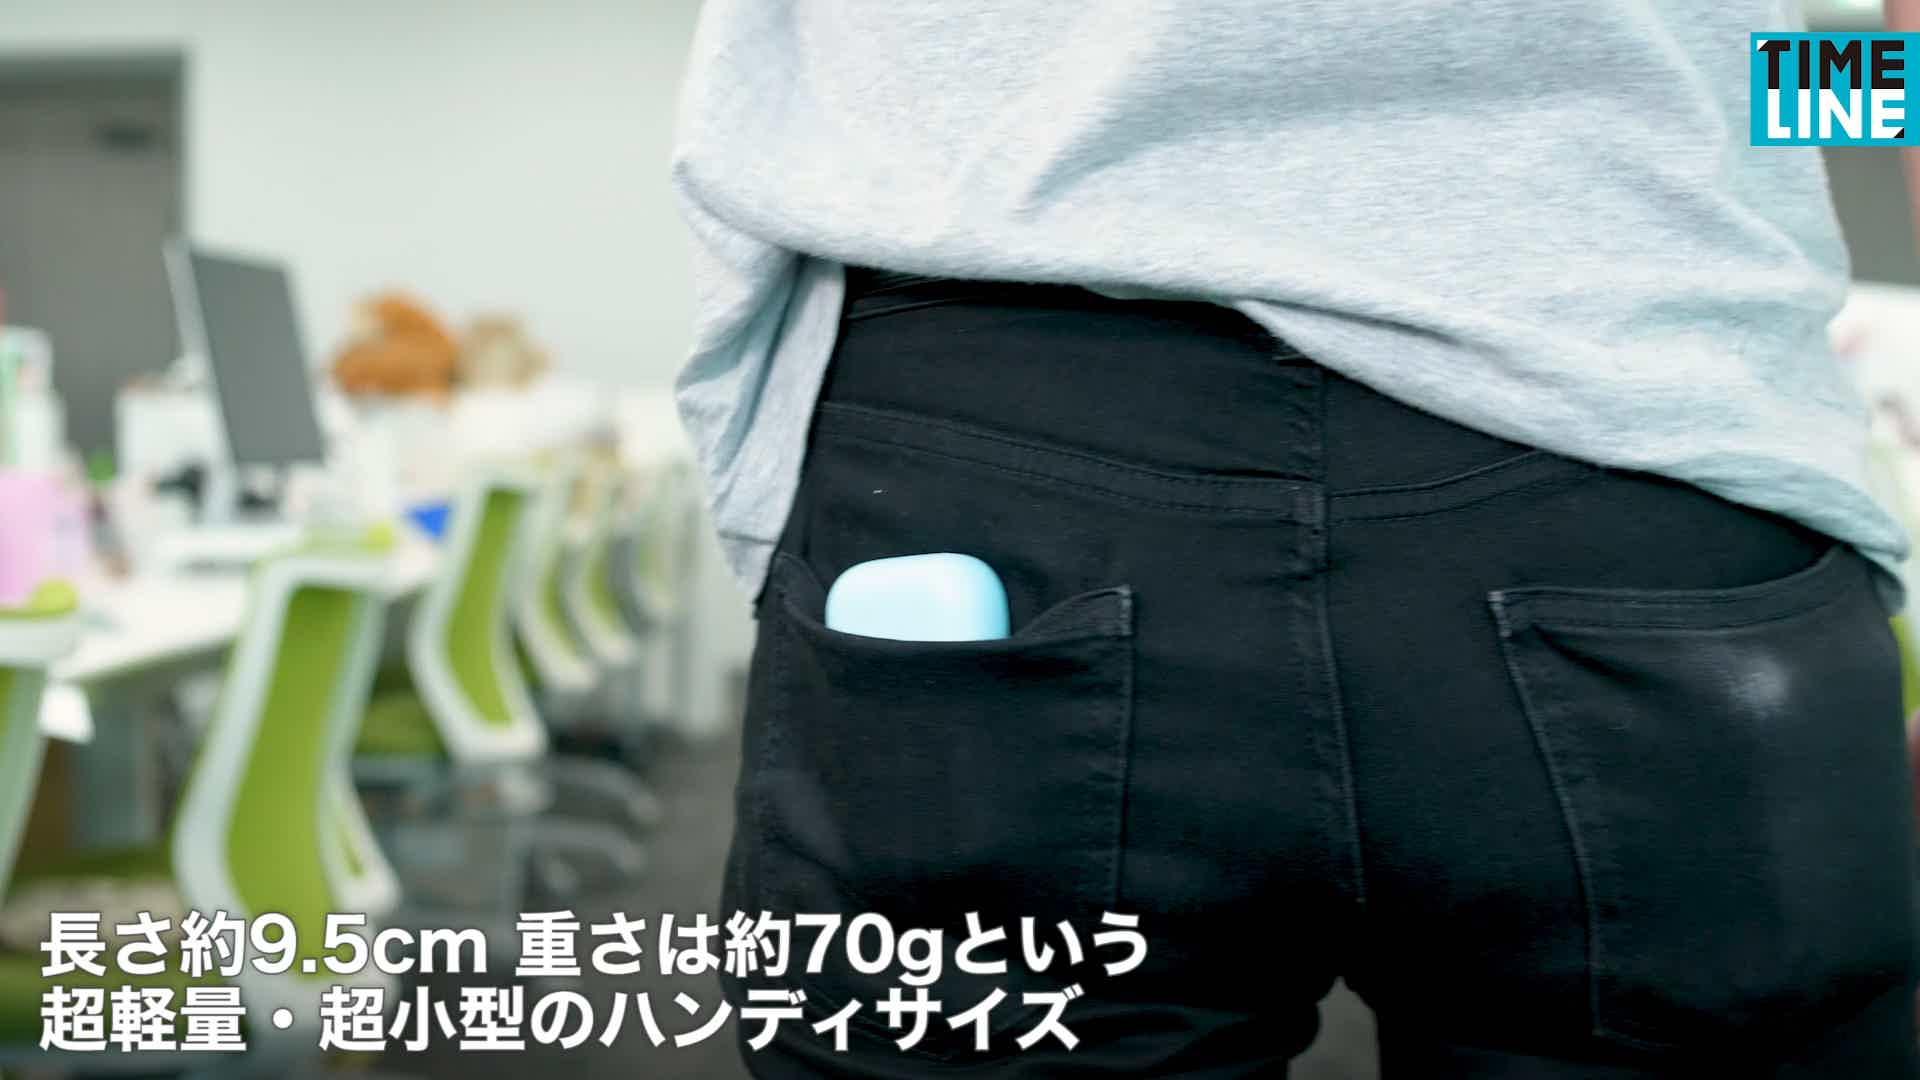 UVマルチ除菌器 ポケットドクター